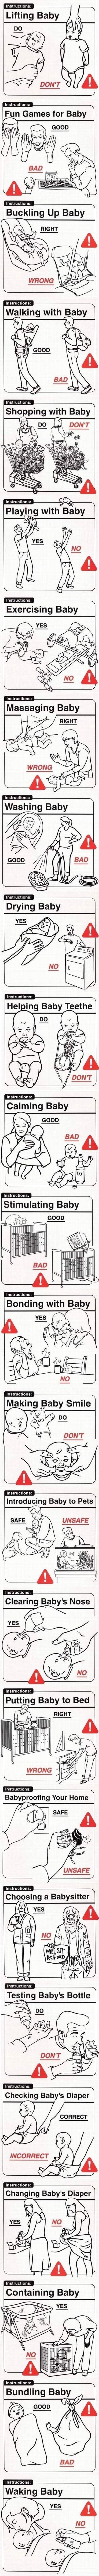 Уход за детьми: инструкция.